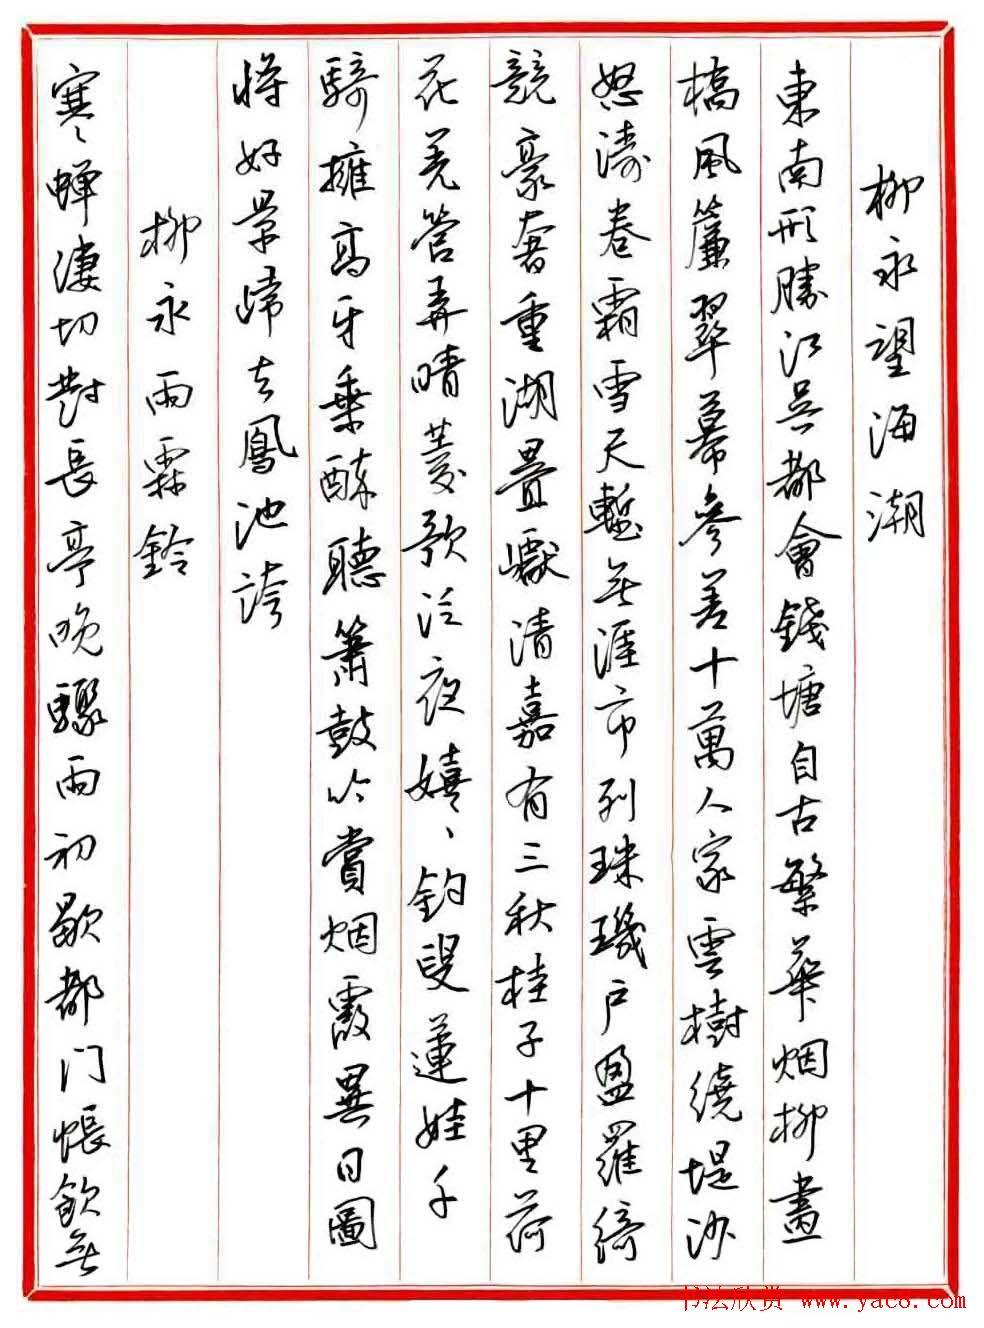 王德荣钢笔行书作品欣赏 古诗词29首图片